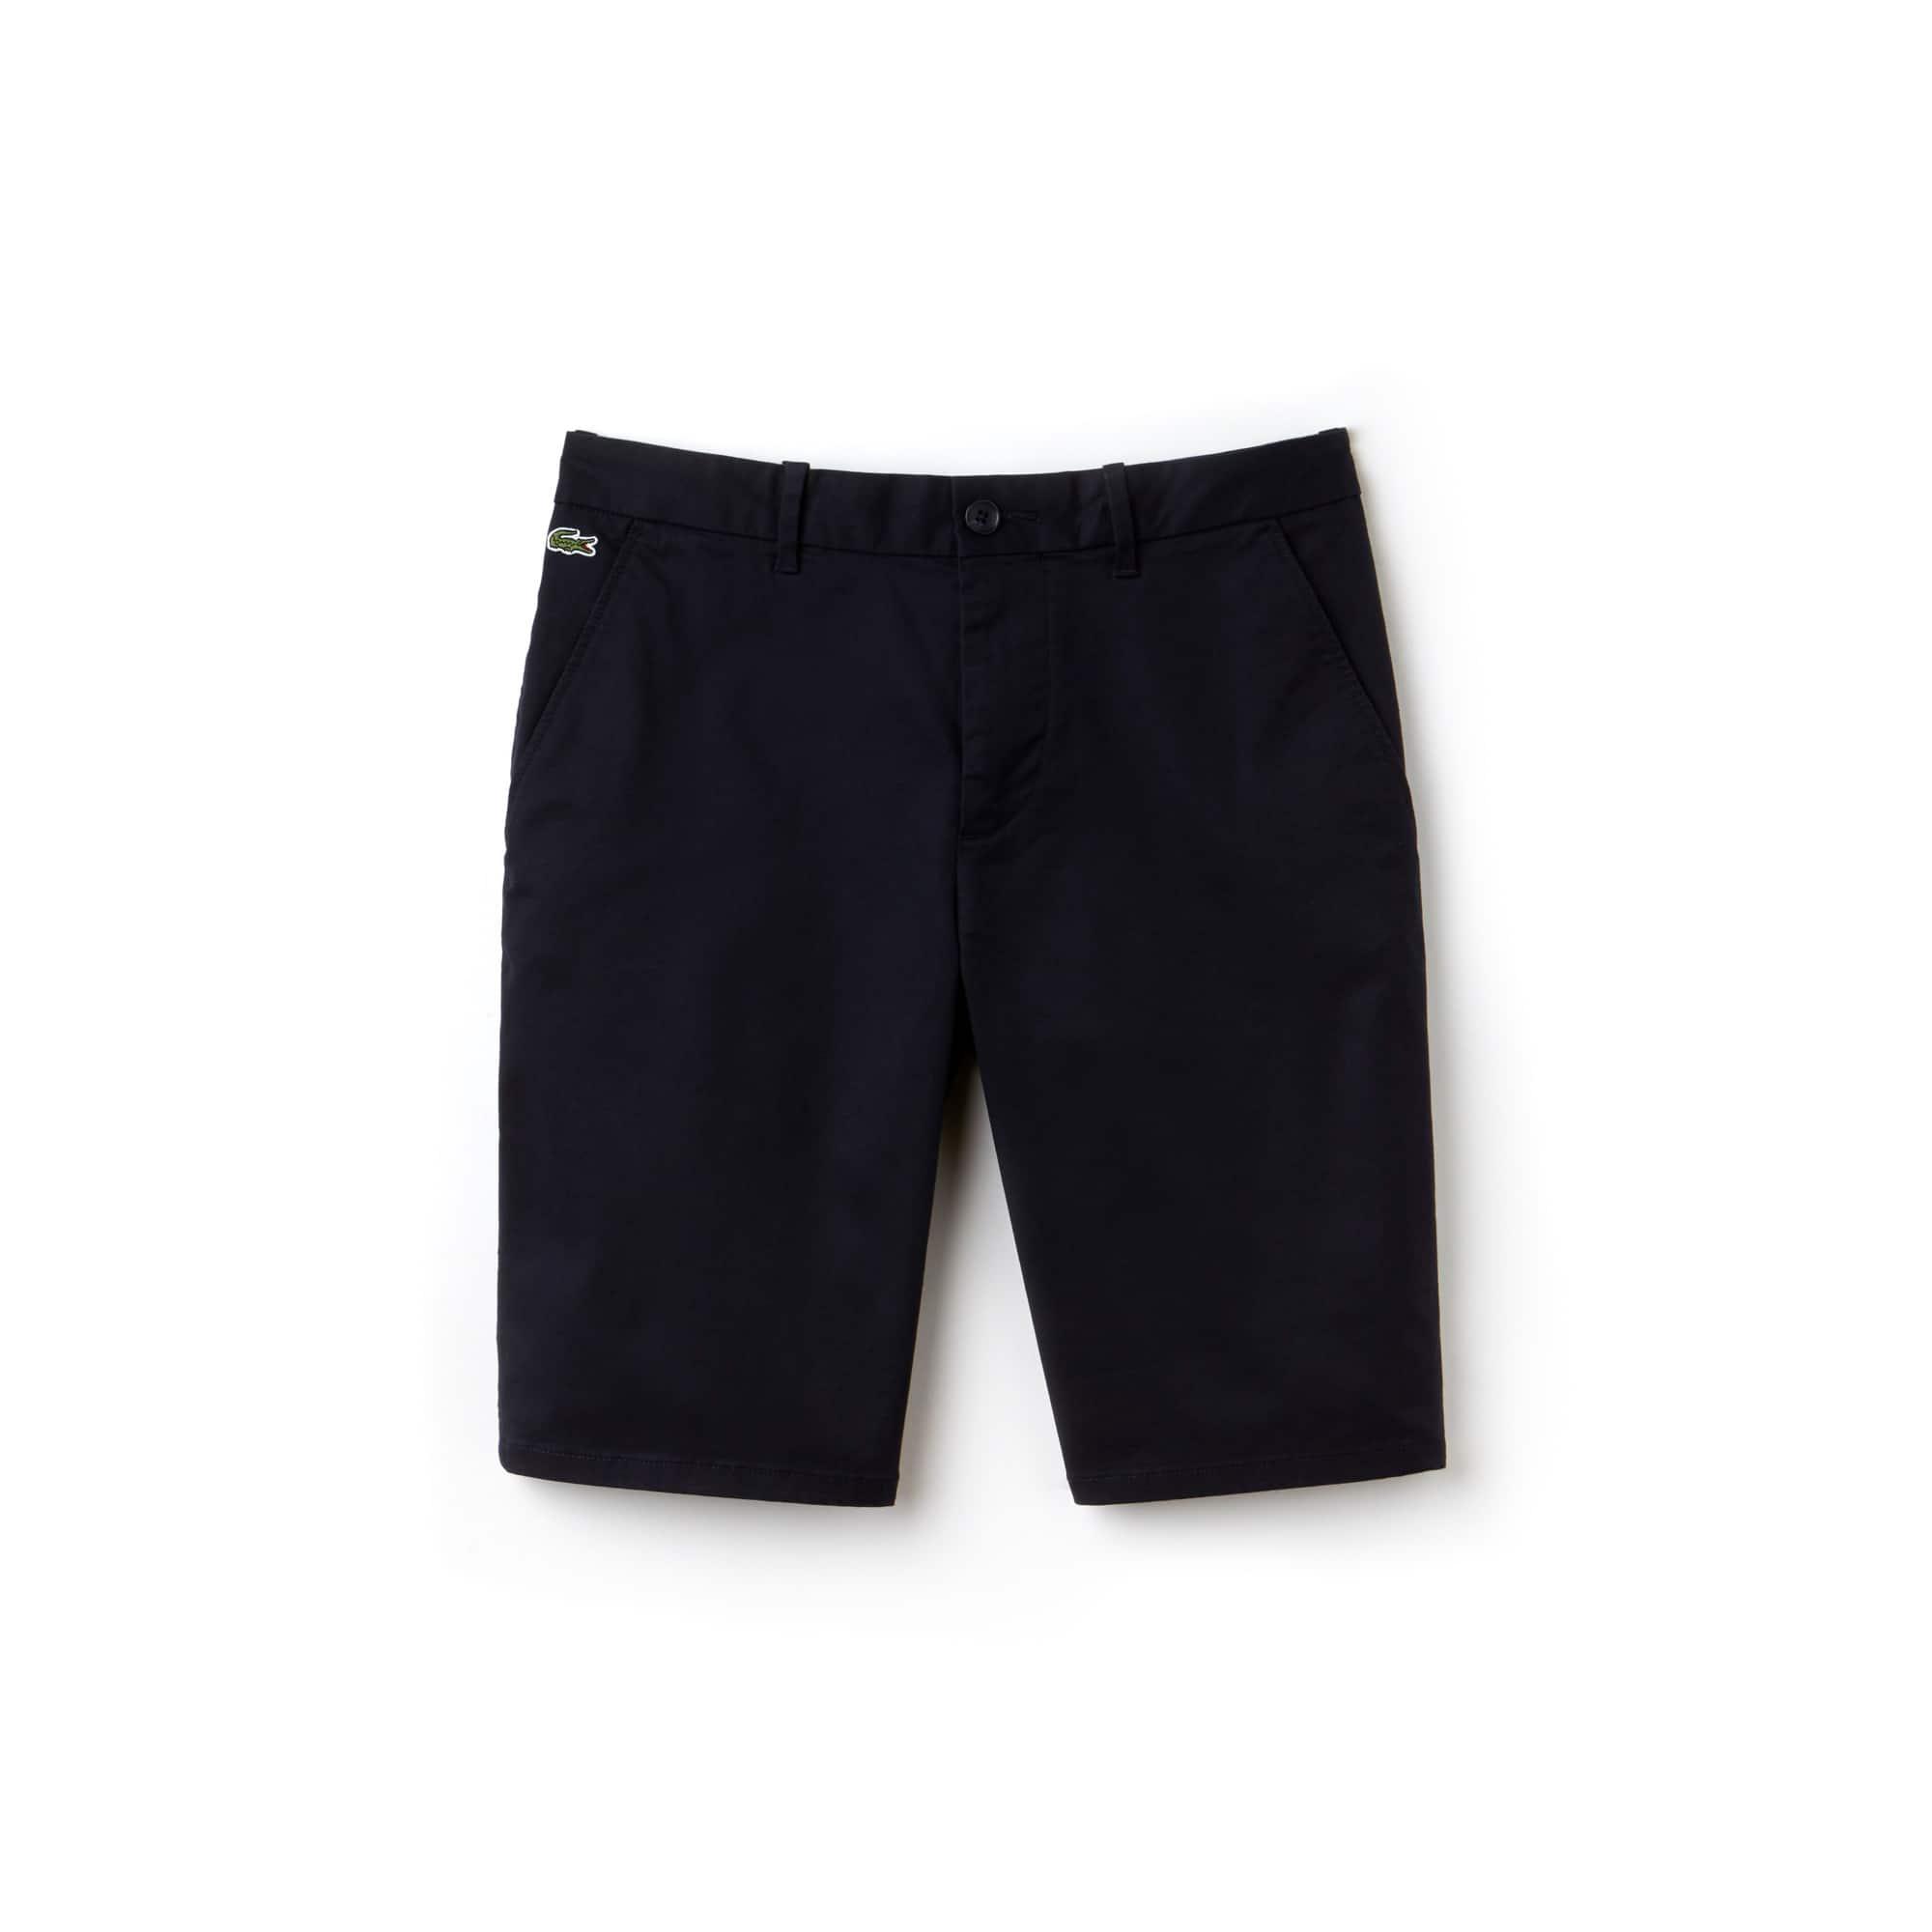 Men's Lacoste LIVE Stretch Cotton Twill Chino Cut Bermuda Shorts